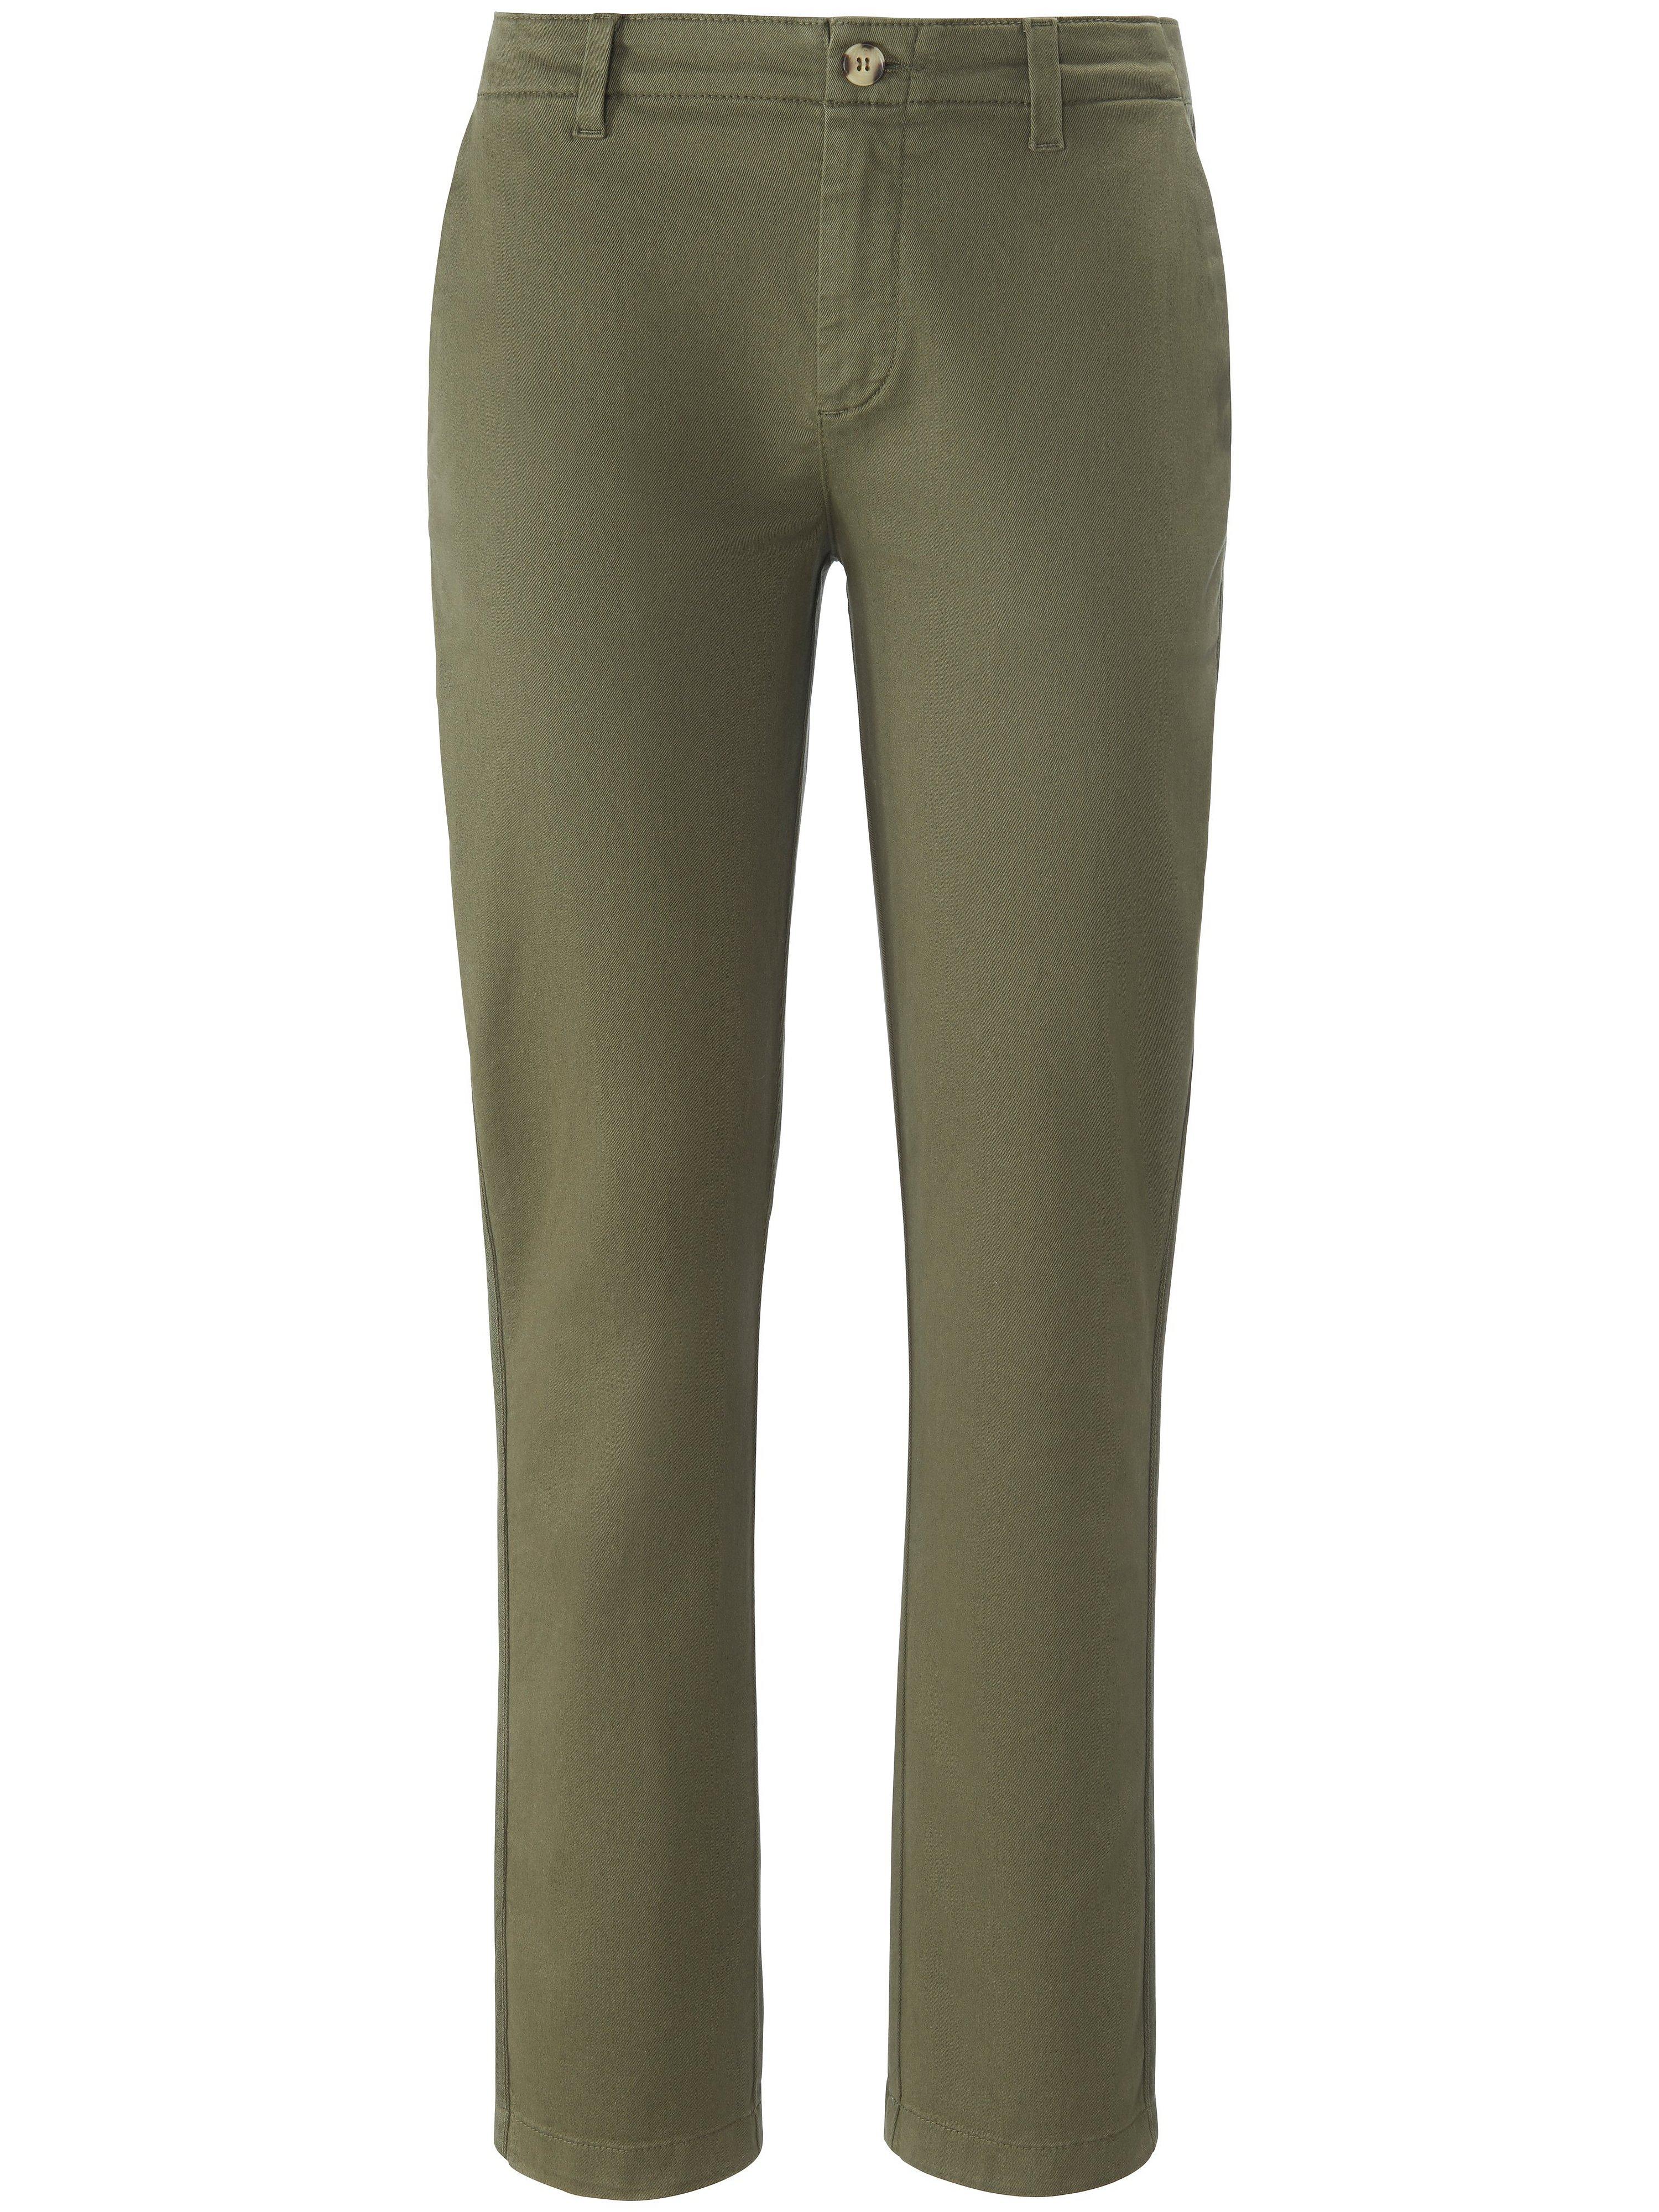 Enkellange Slim Fit-broek in chinostijl Van DAY.LIKE groen